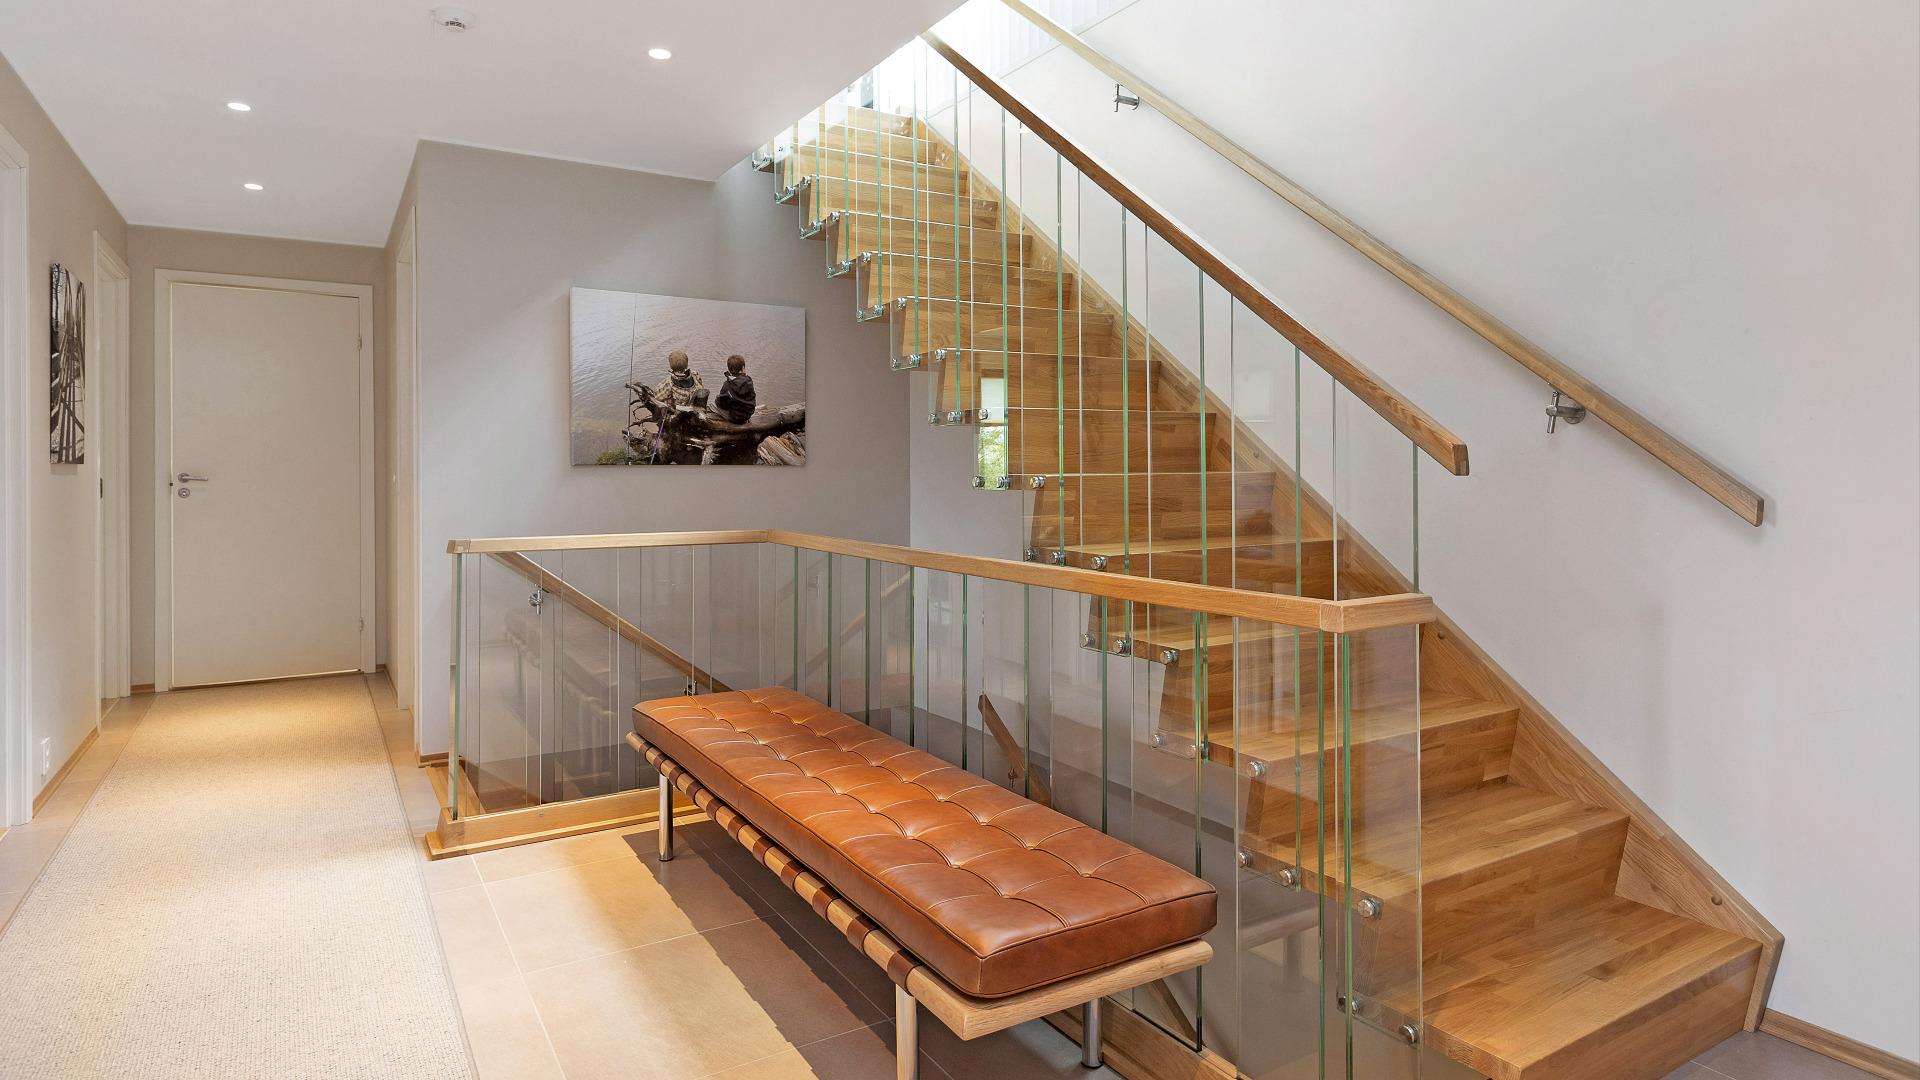 Rett-trapp imellom etasjene.